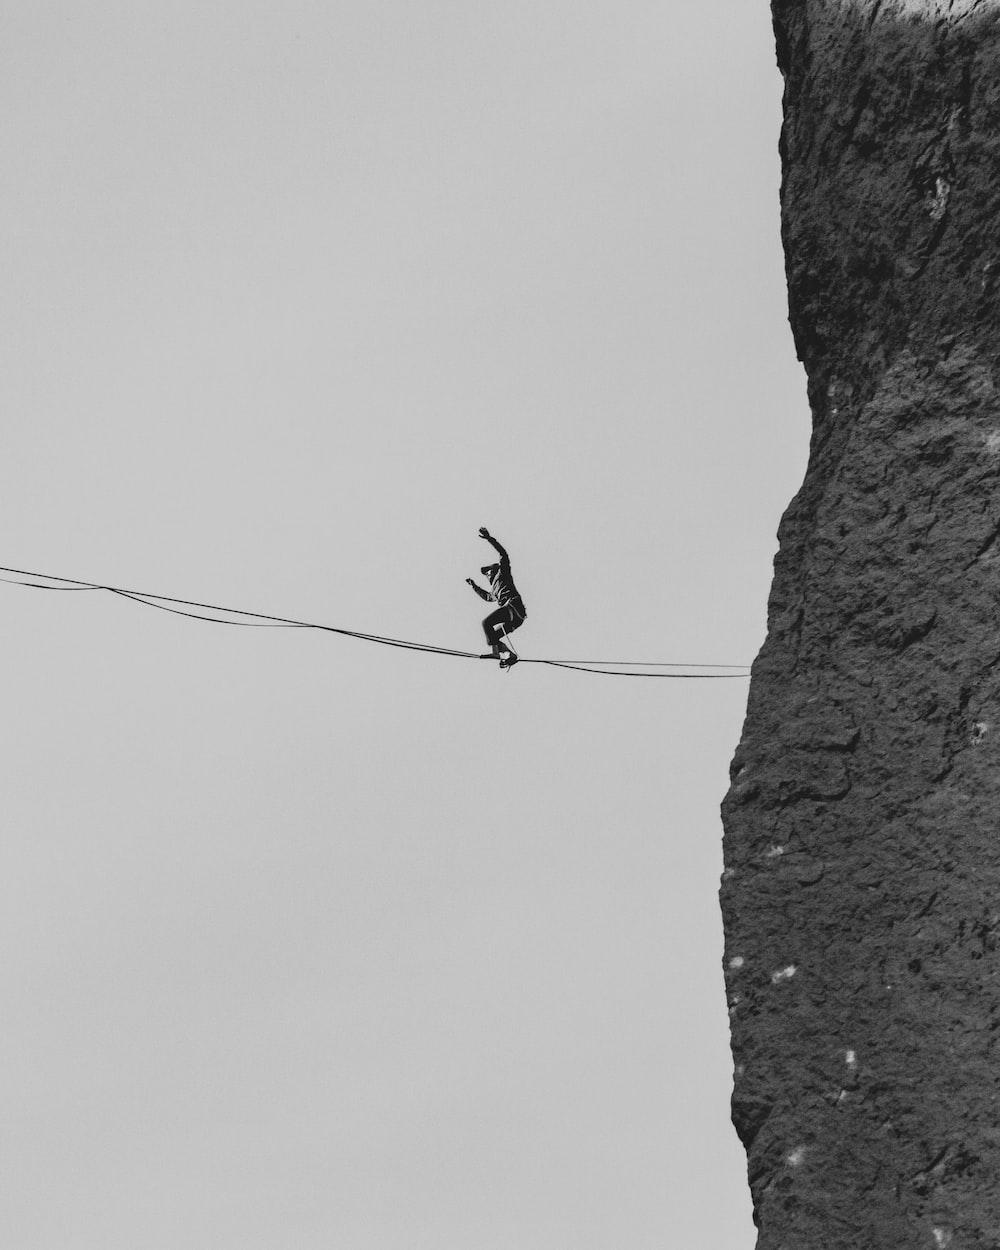 black bird on black wire during daytime